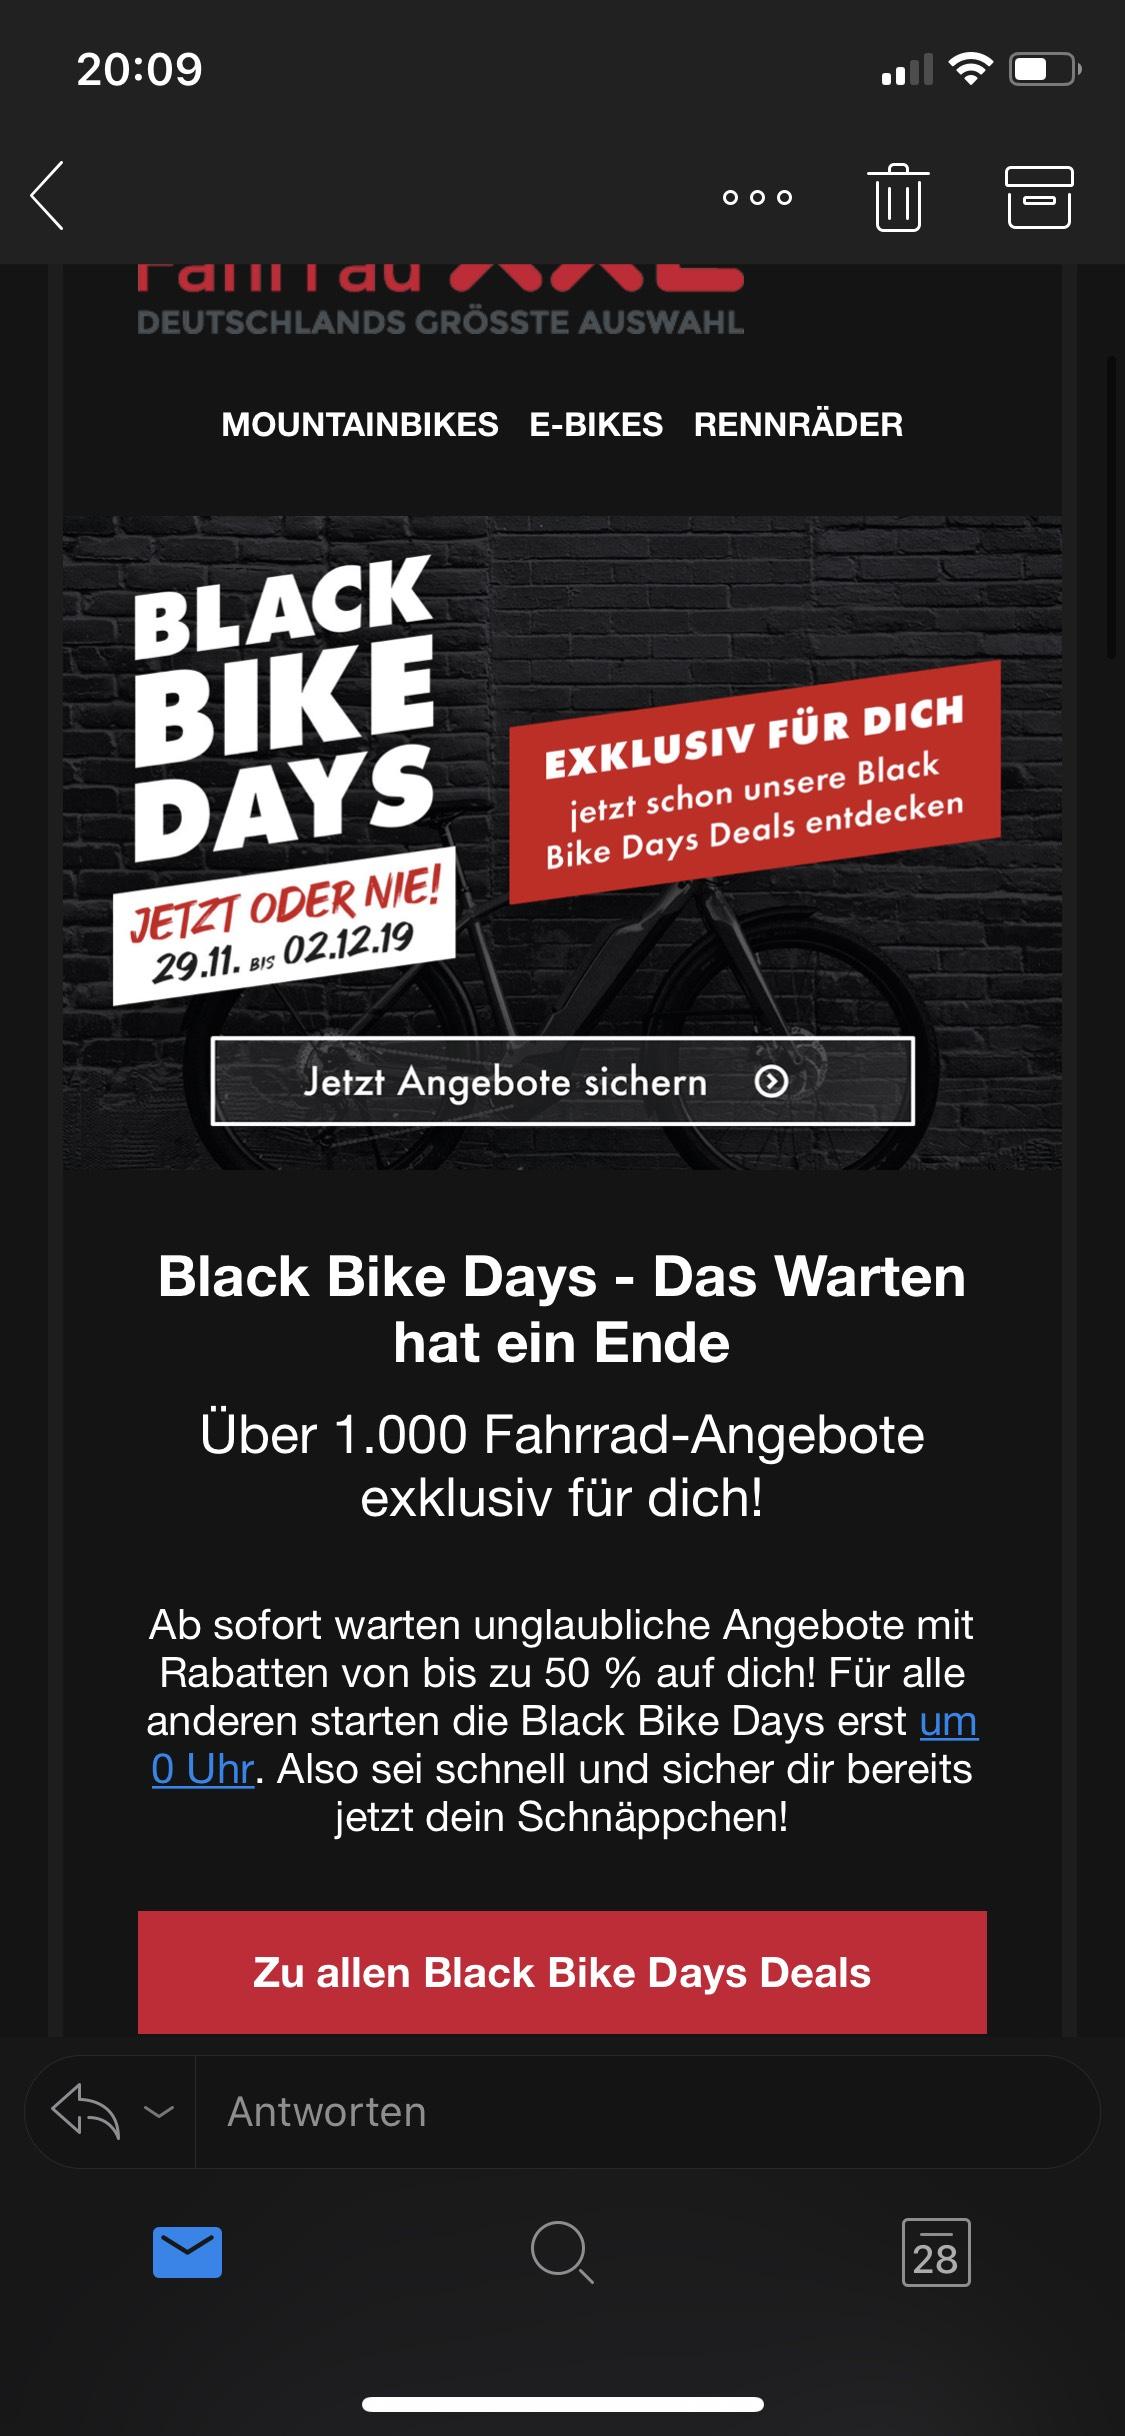 Black Friday | Bis zu 50% Rabatt auf über 1.000 Fahrräder bei Fahrrad XXL | Mountainbikes, Rennräder usw.